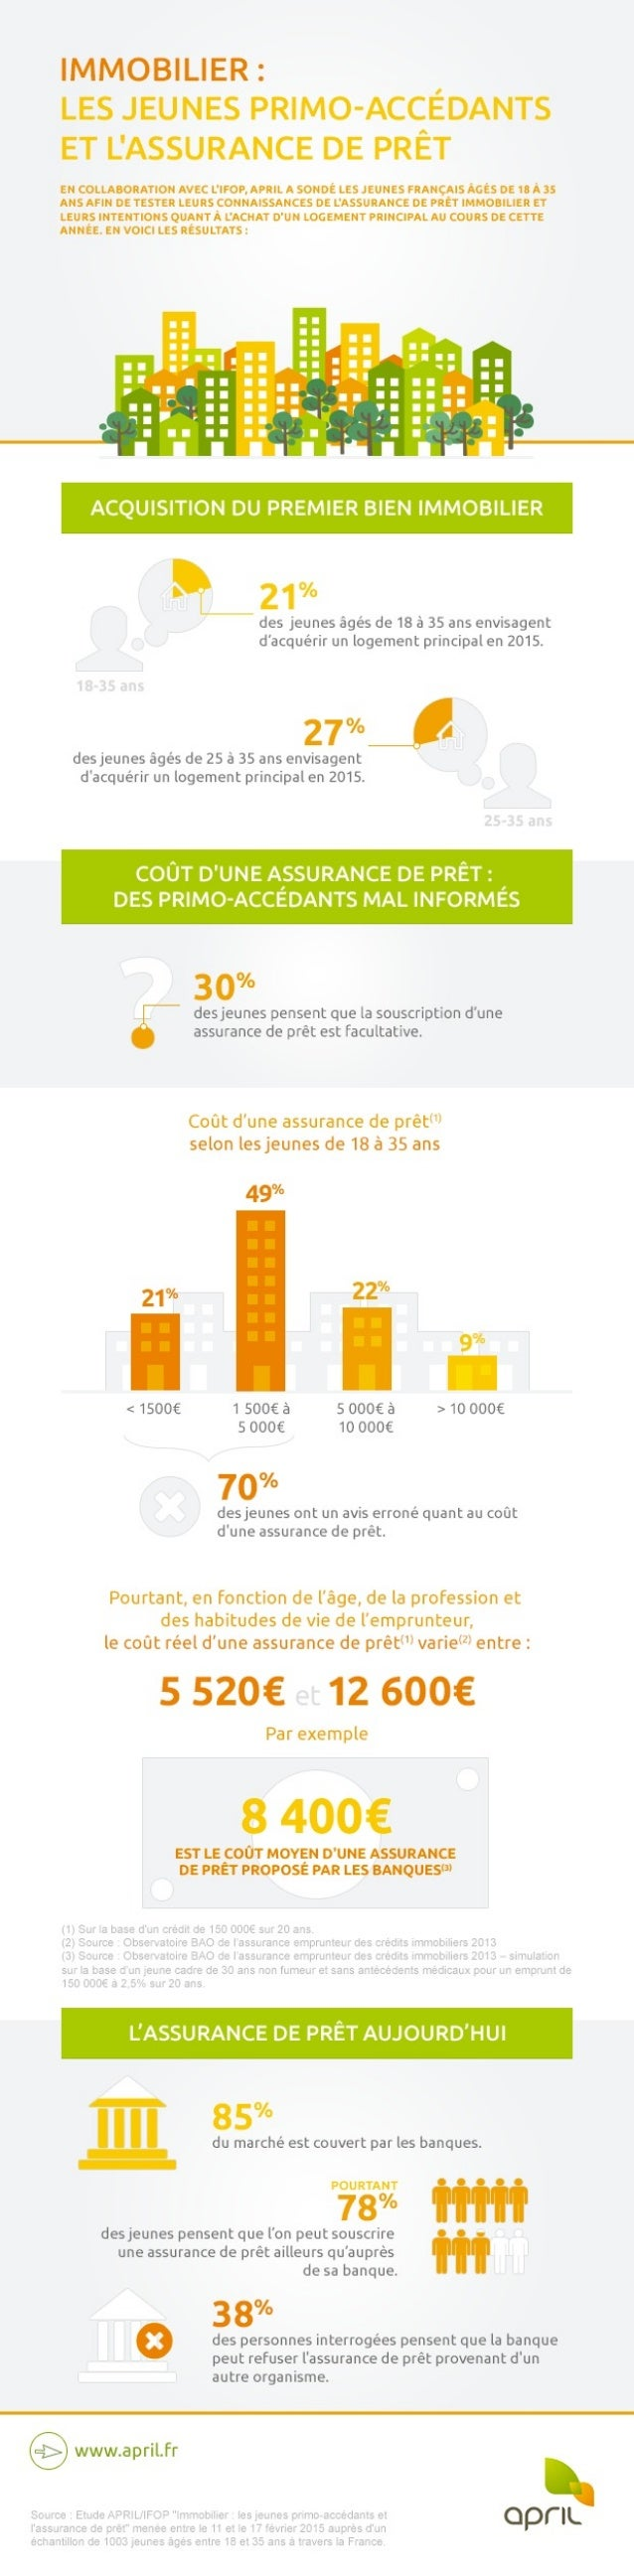 Etude April : les jeunes primo-accédants et l'assurance de prêt